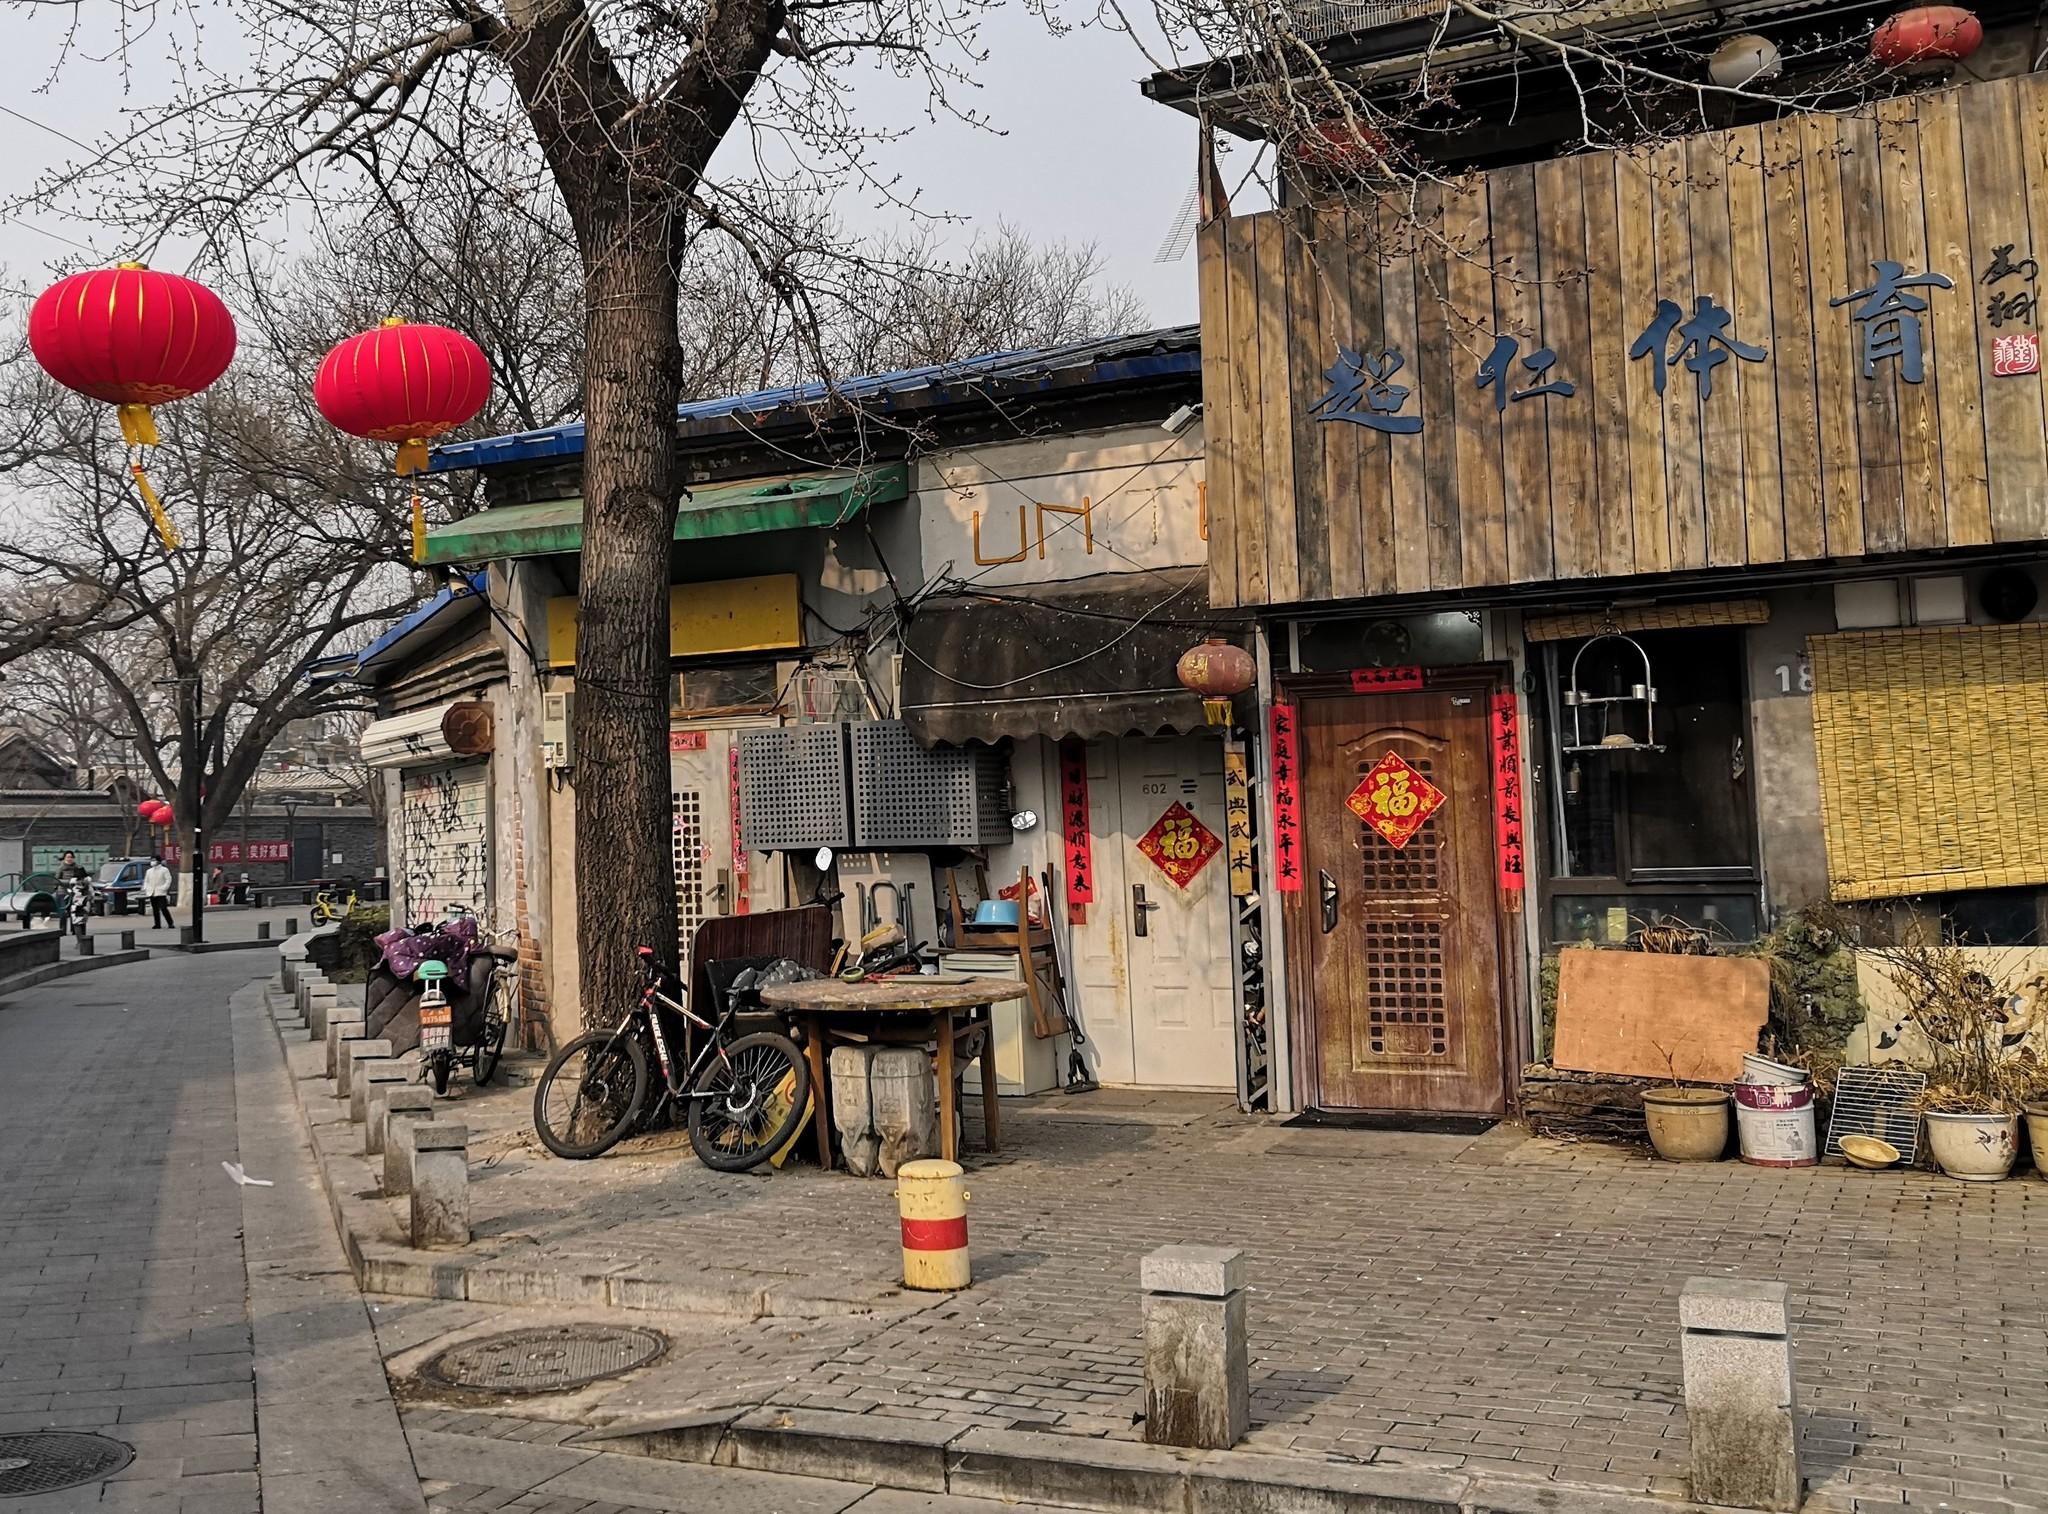 Desahucios con características chinas